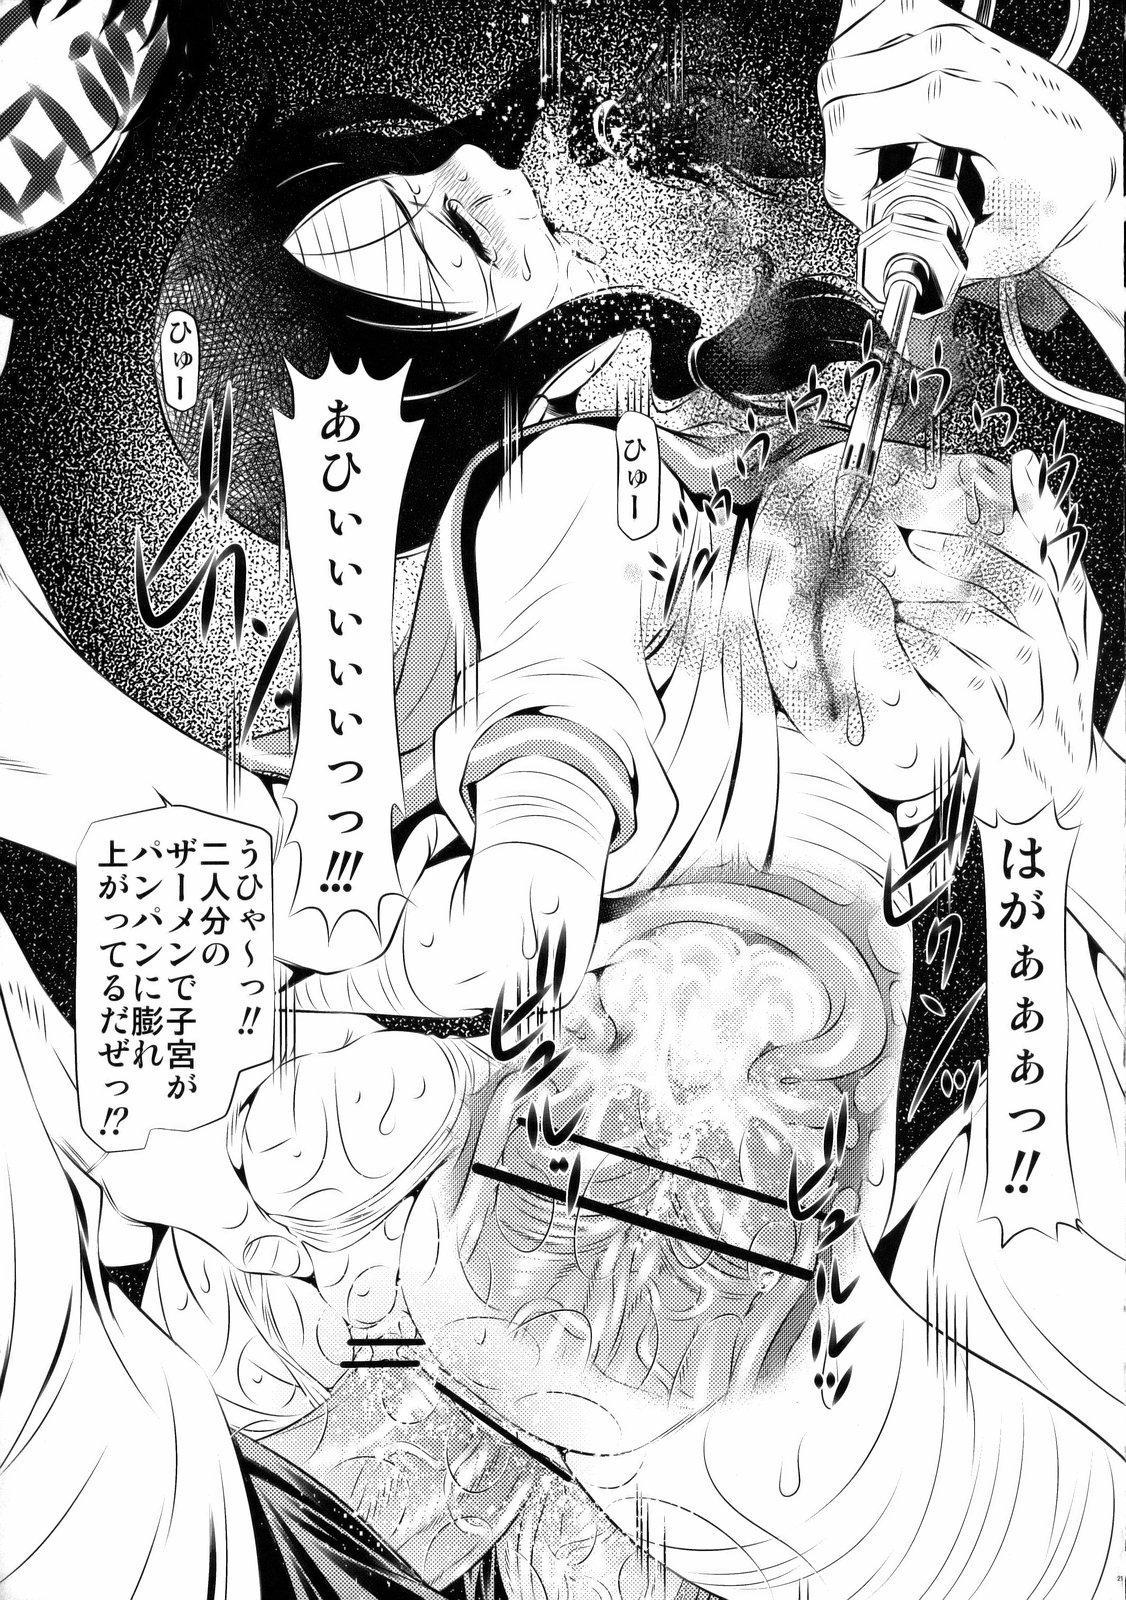 Sayonara Zetsubou Seito 19